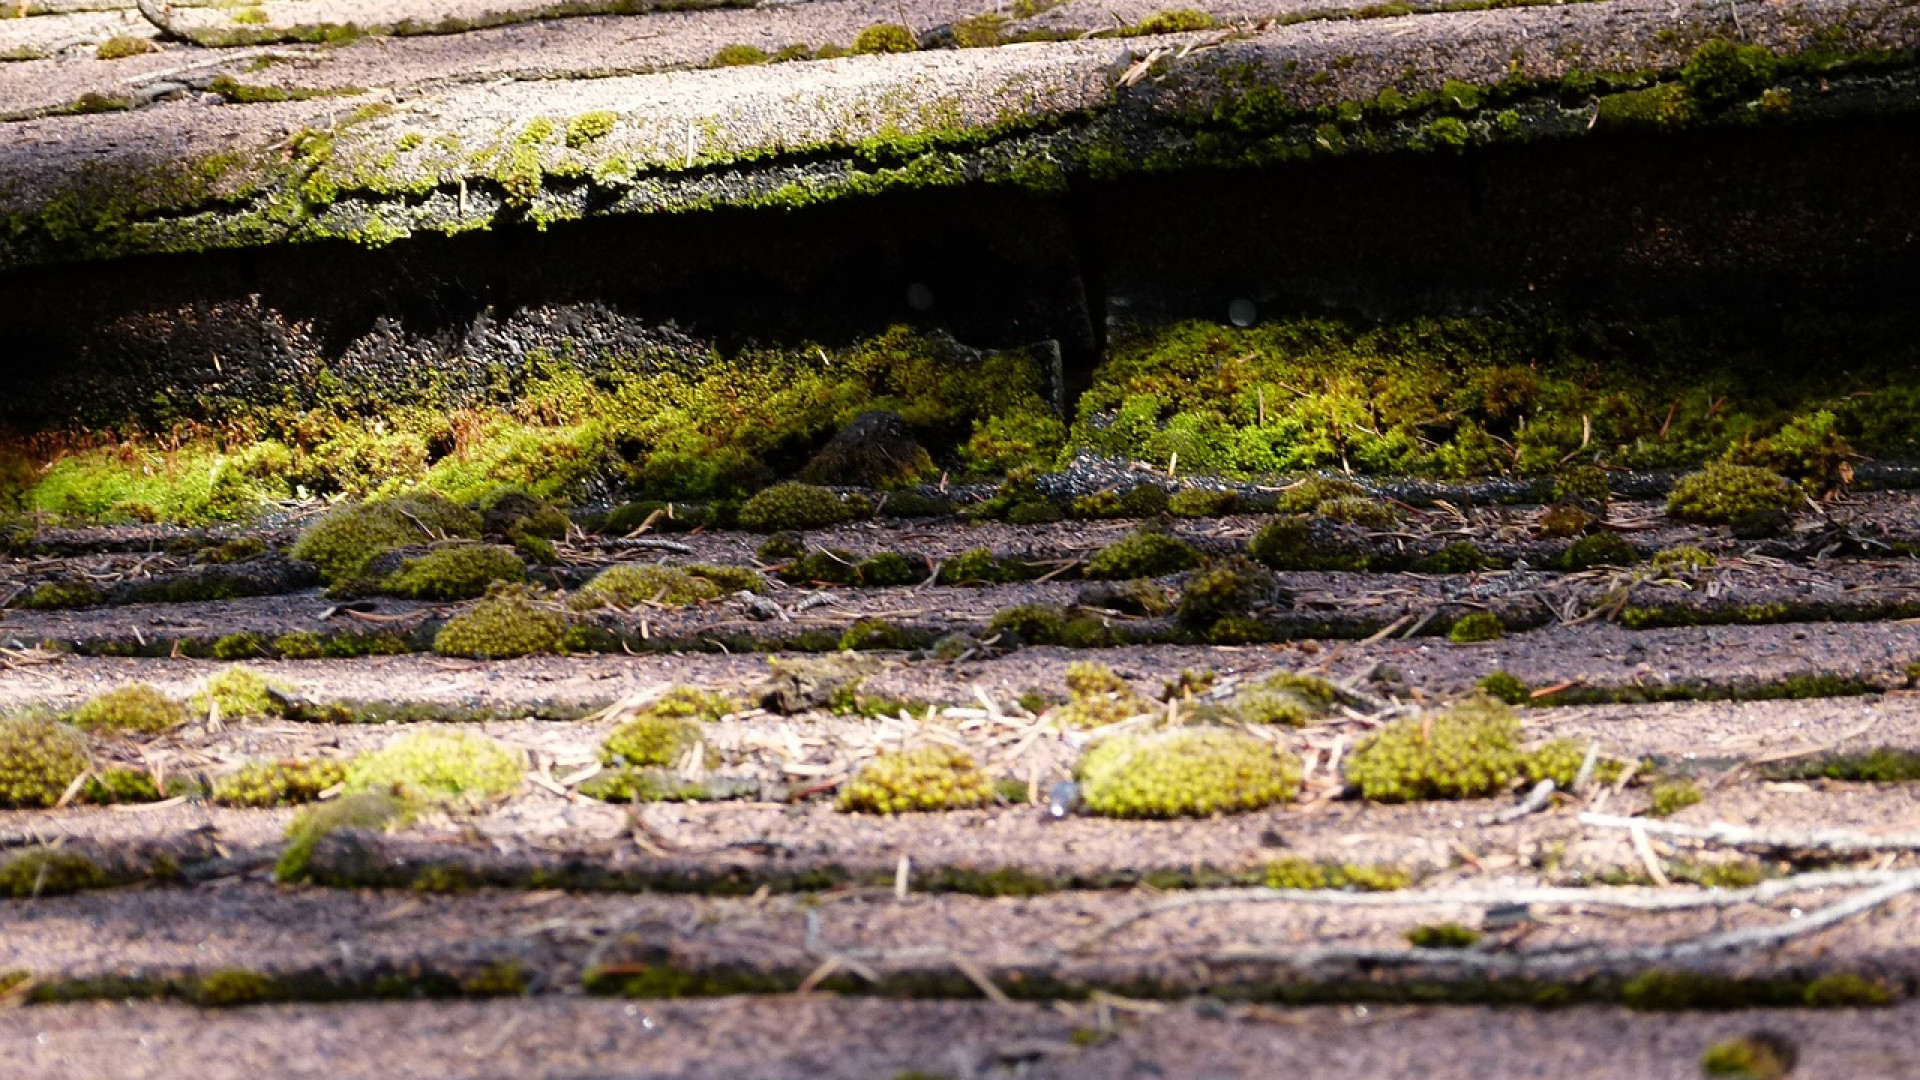 Comment parvenir à assainir une maison humide?